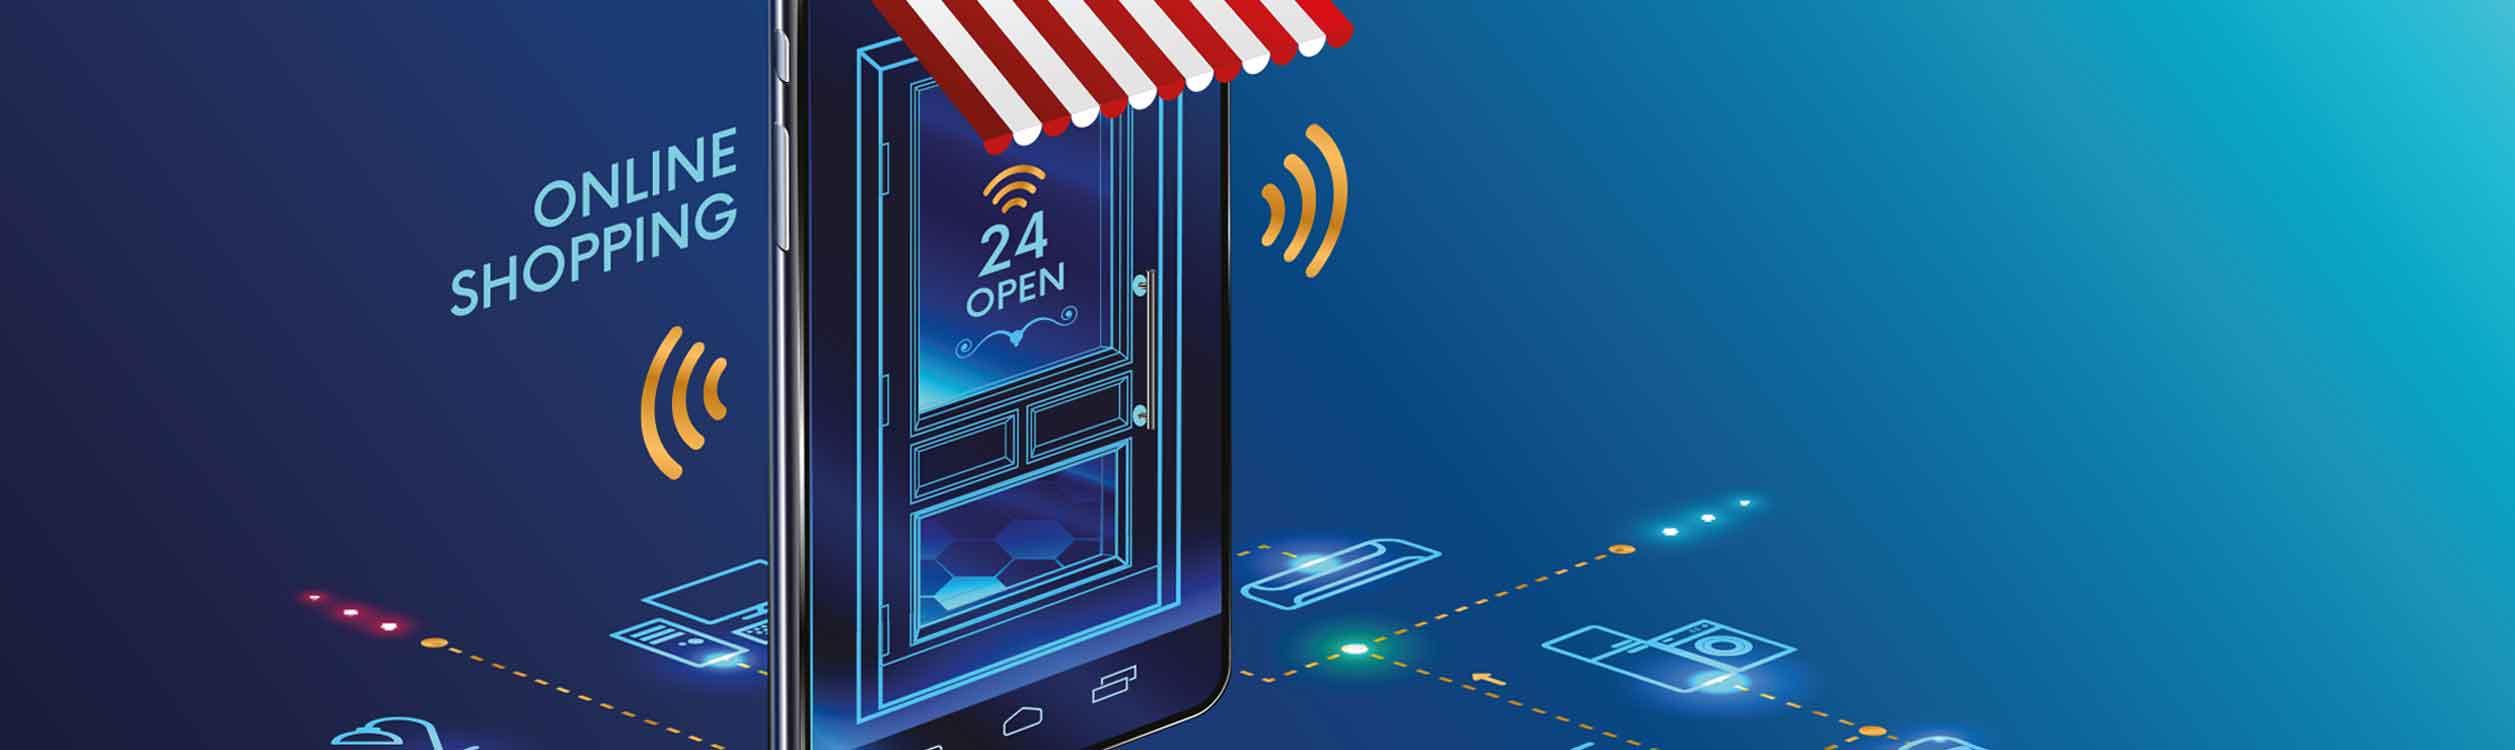 Das mobile Einkaufsverhalten nimmt zu, und aktuelle Daten zeigen, was die Kunden von neuen Produkten und Dienstleistungen erwarten.